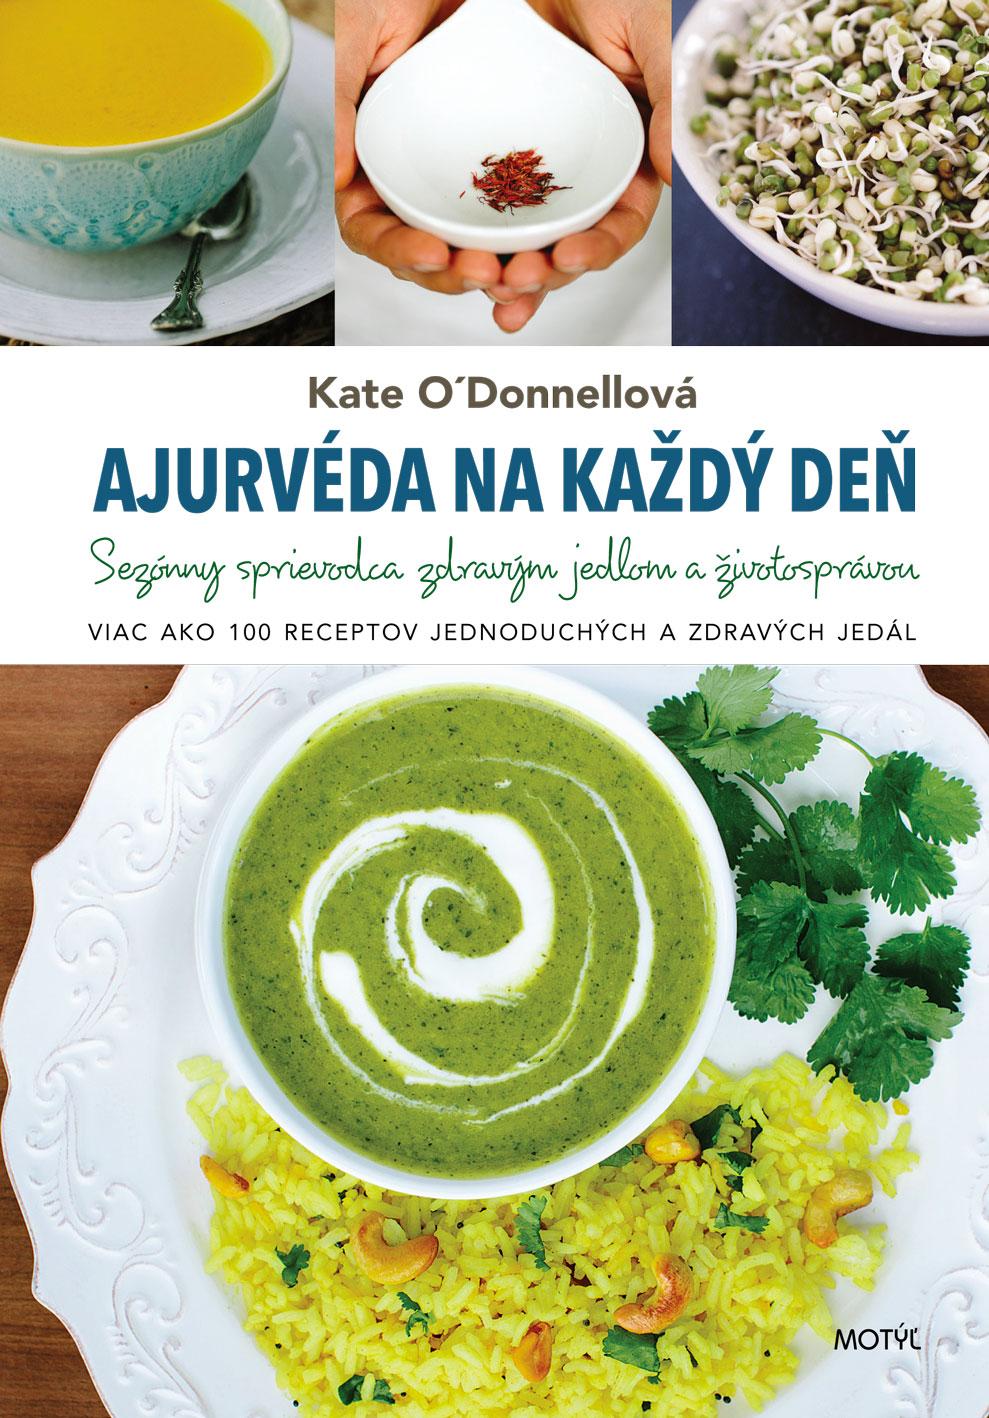 Ajurvéda na každý deň - Sezónny sprievodca zdravým jedlom a životosprávou